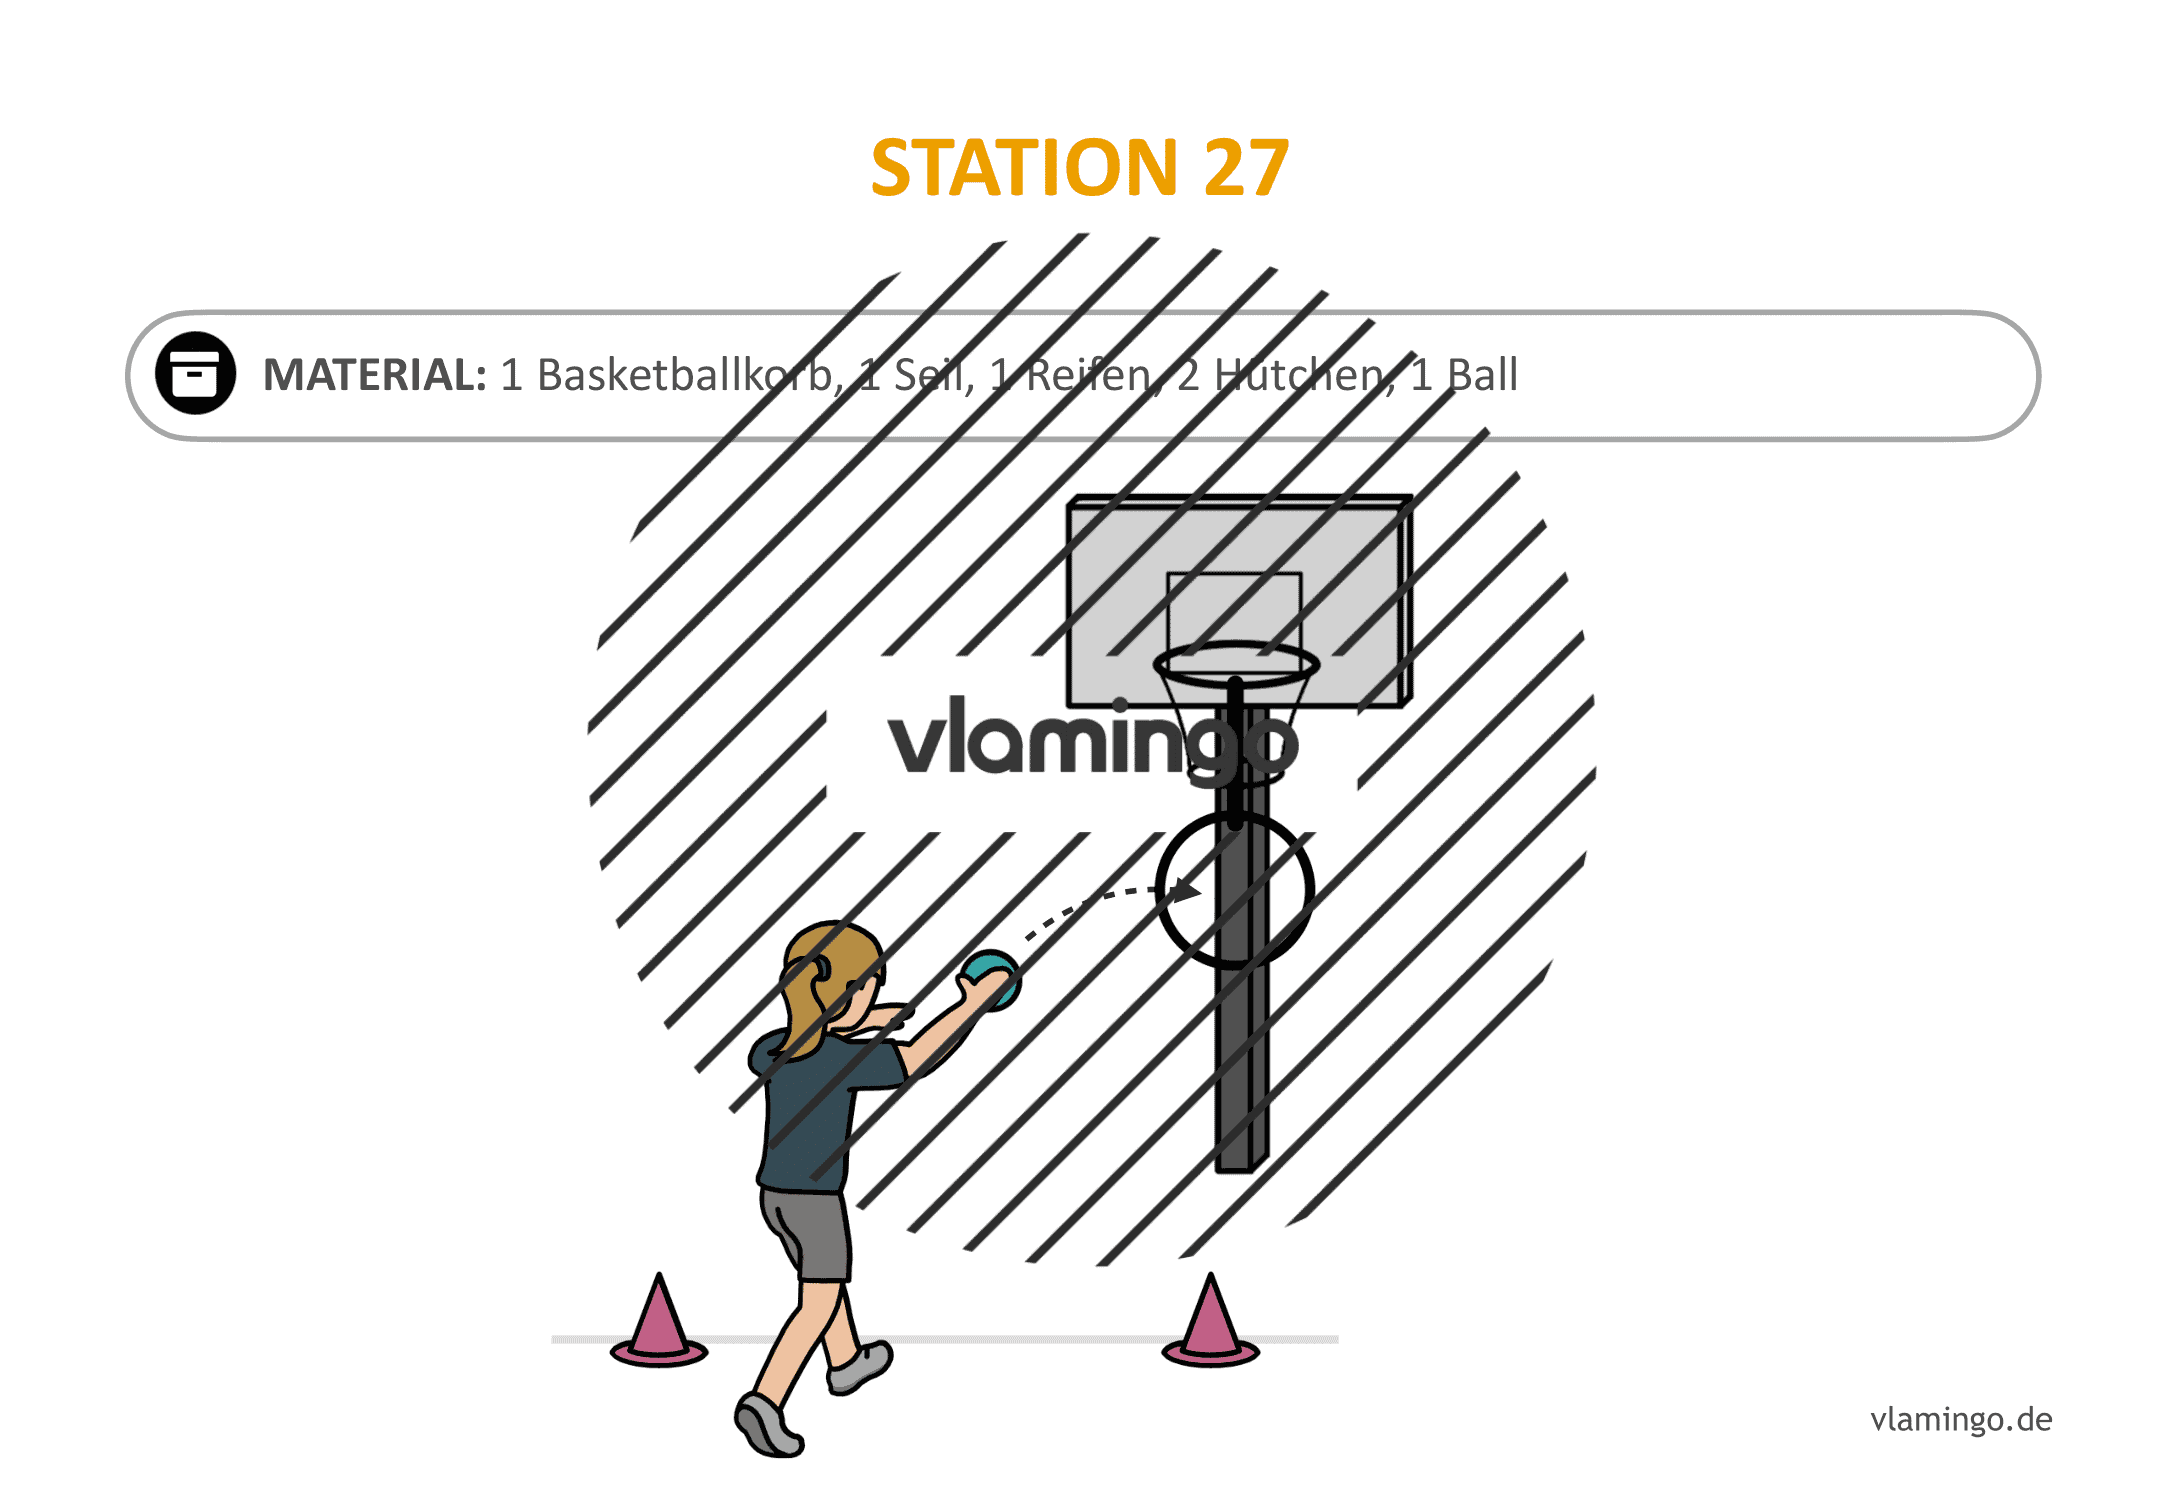 Handballgolf - Station-27